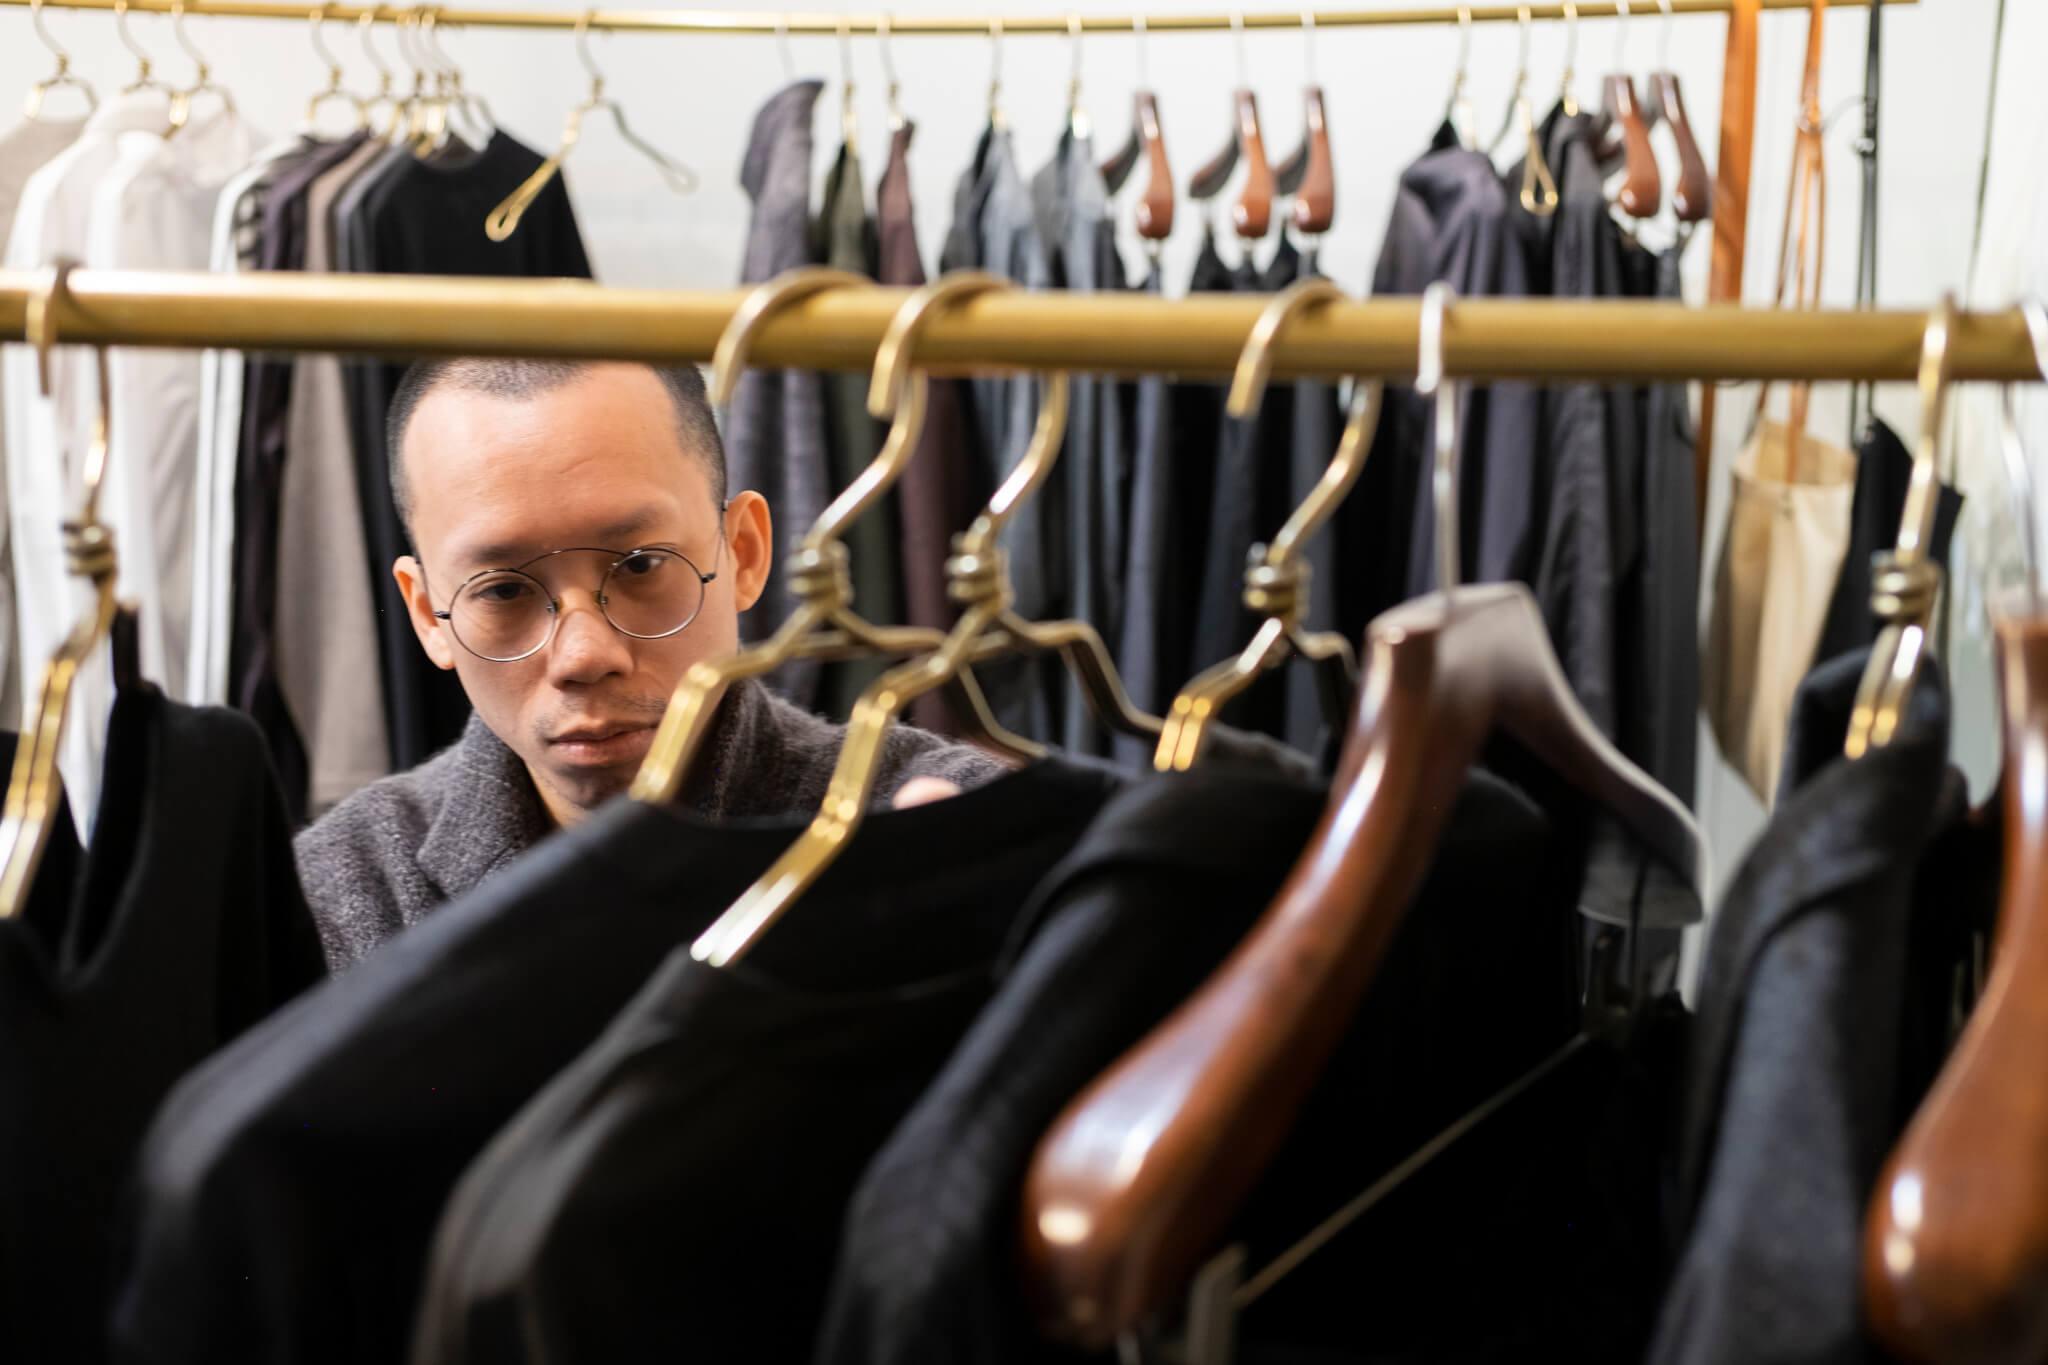 阿苗視打理店舖細節為日常,工作早已融入他的生活。